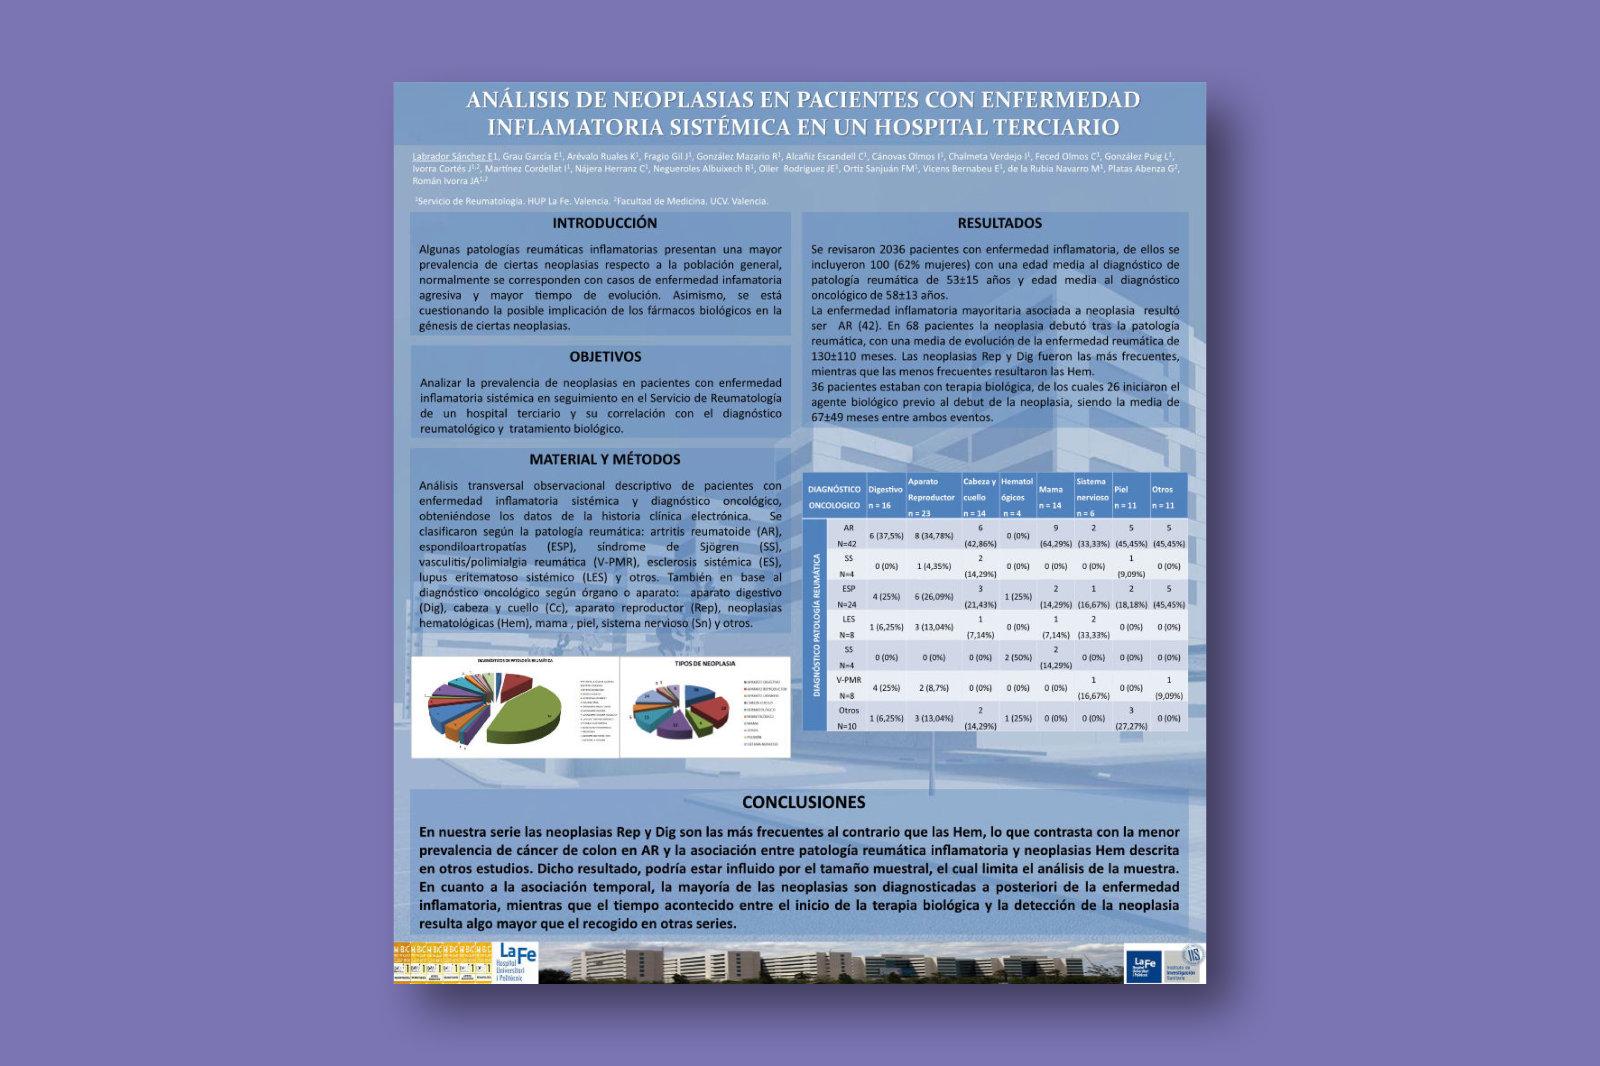 Análisis de neoplasias en pacientes con enfermedad inflamatoria sistémica en un hospital terciario